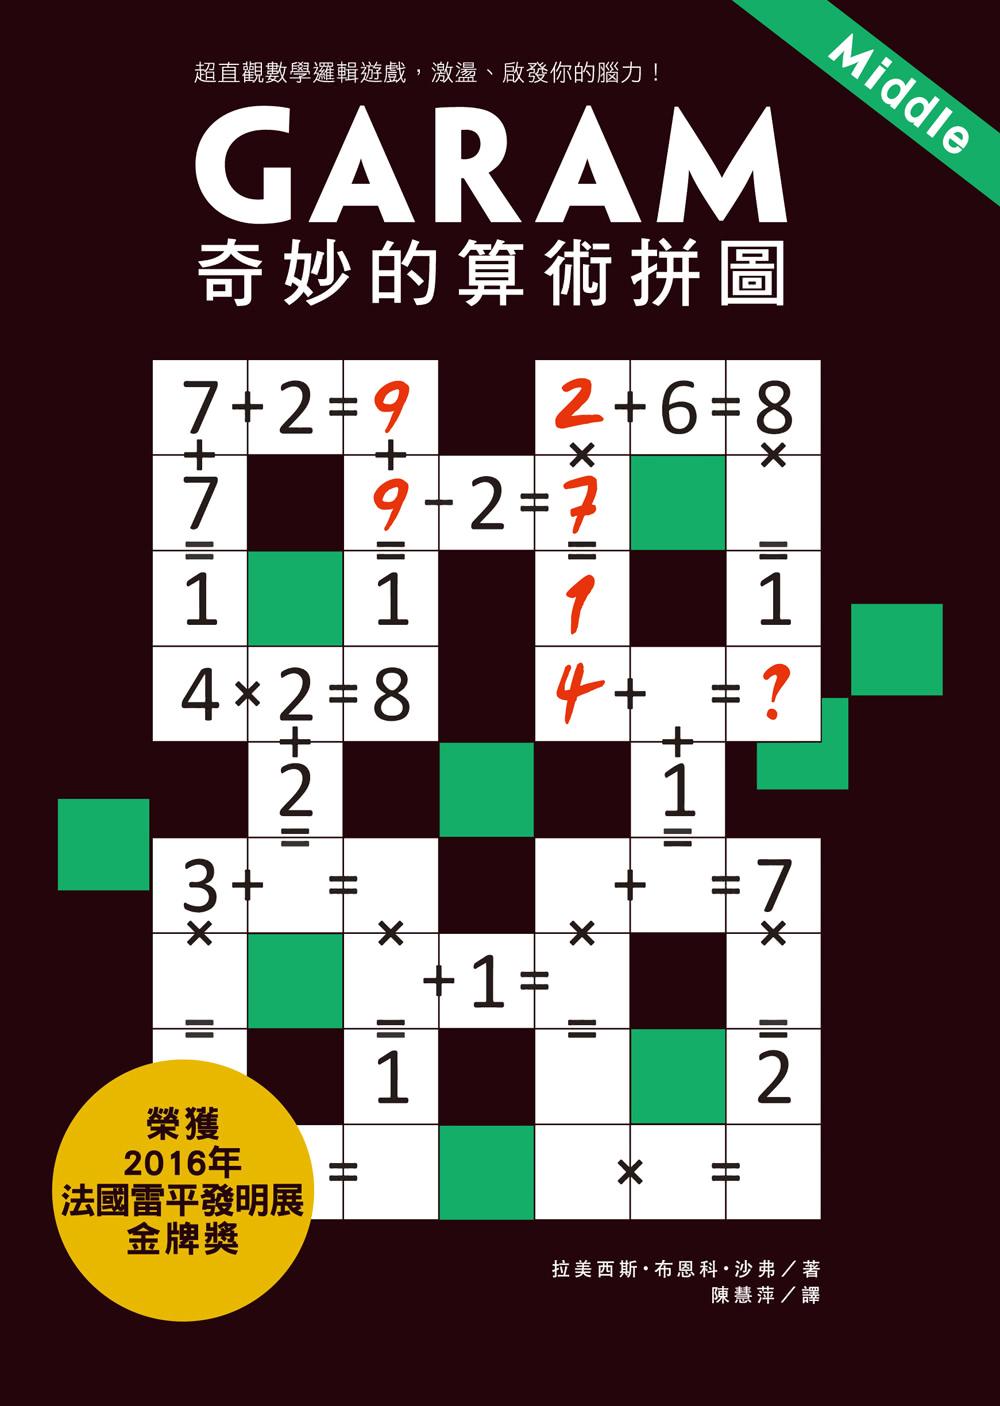 Garam 奇妙的算術拼圖